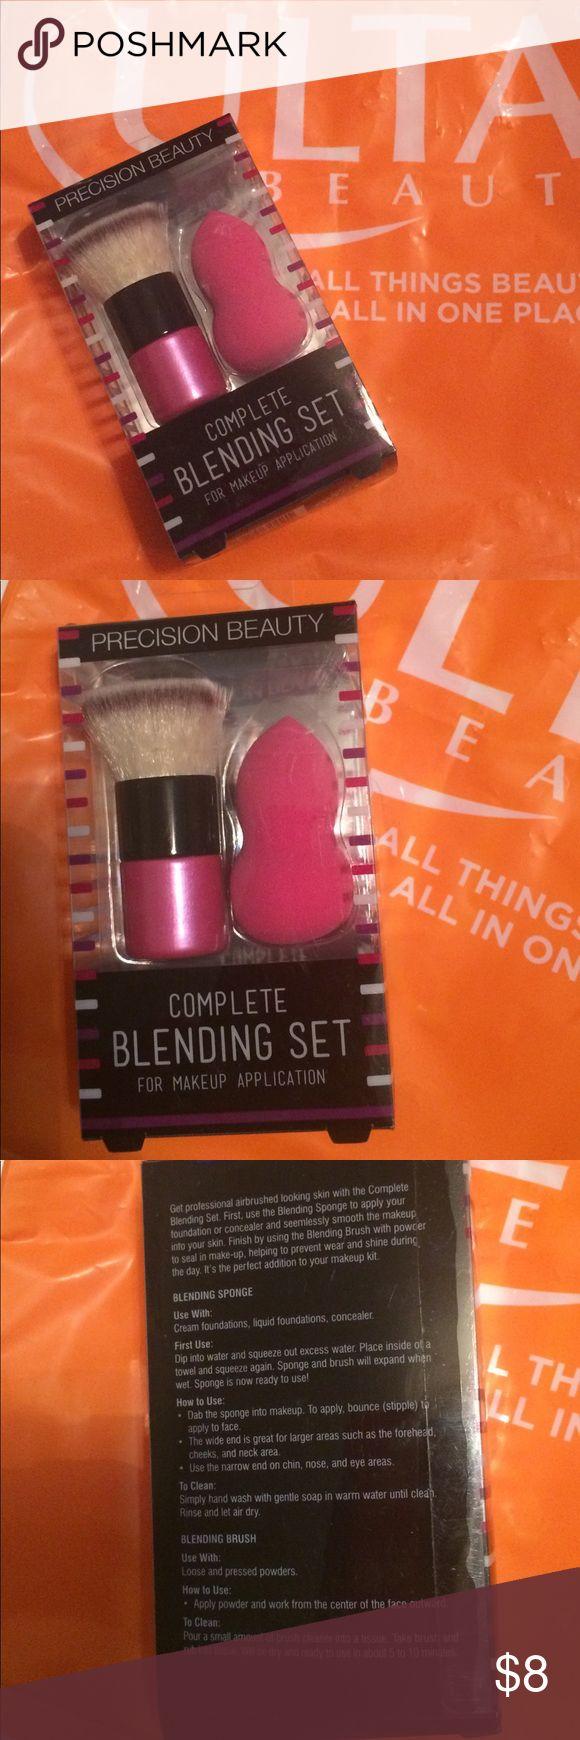 Ulta Complete Blending Set NEW Purchased at Ulta. Includes Blending Sponge and Blending Brush. Makeup